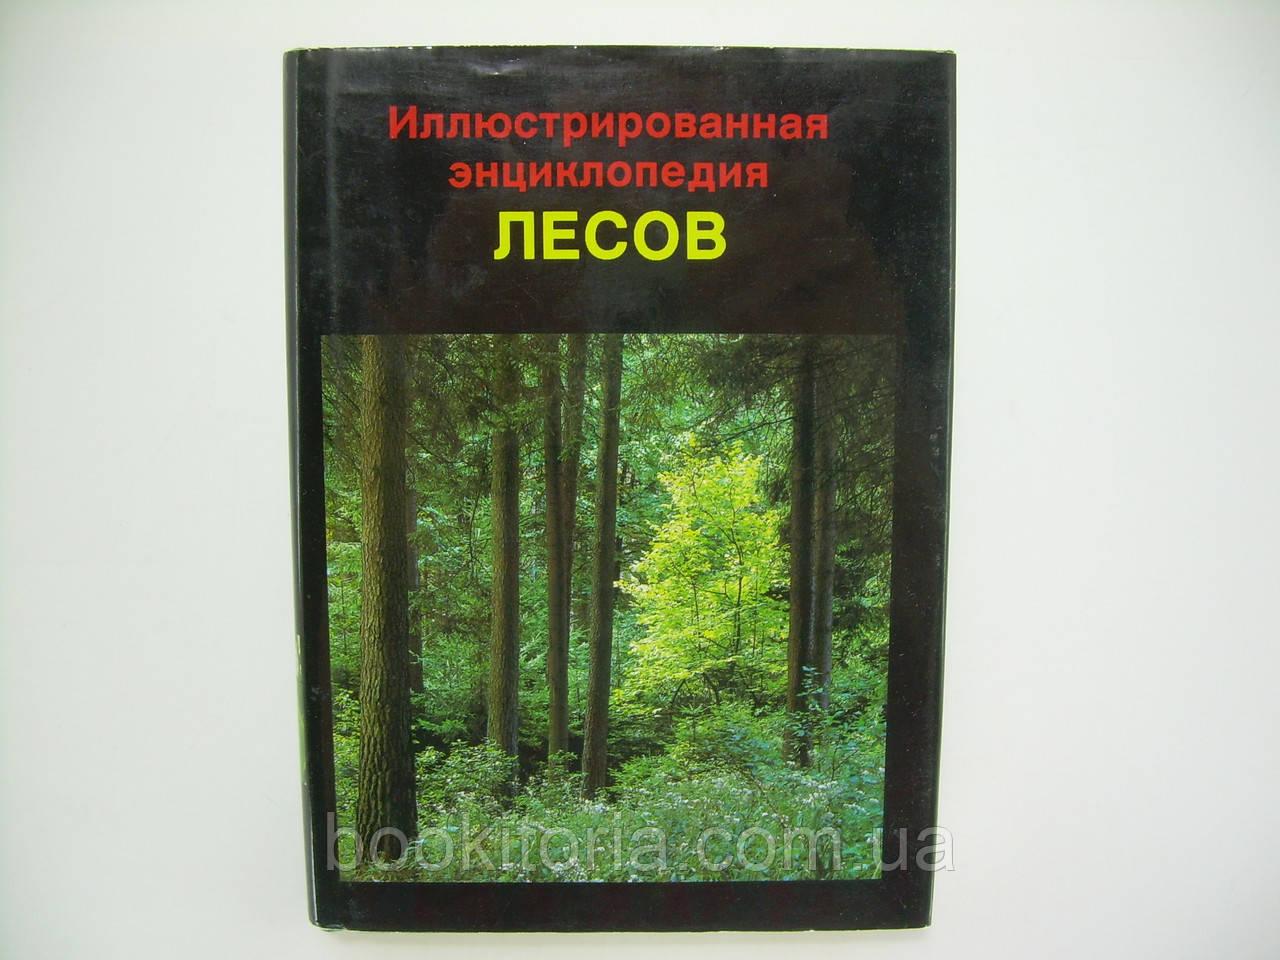 Иллюстрированная энциклопедия лесов (б/у).